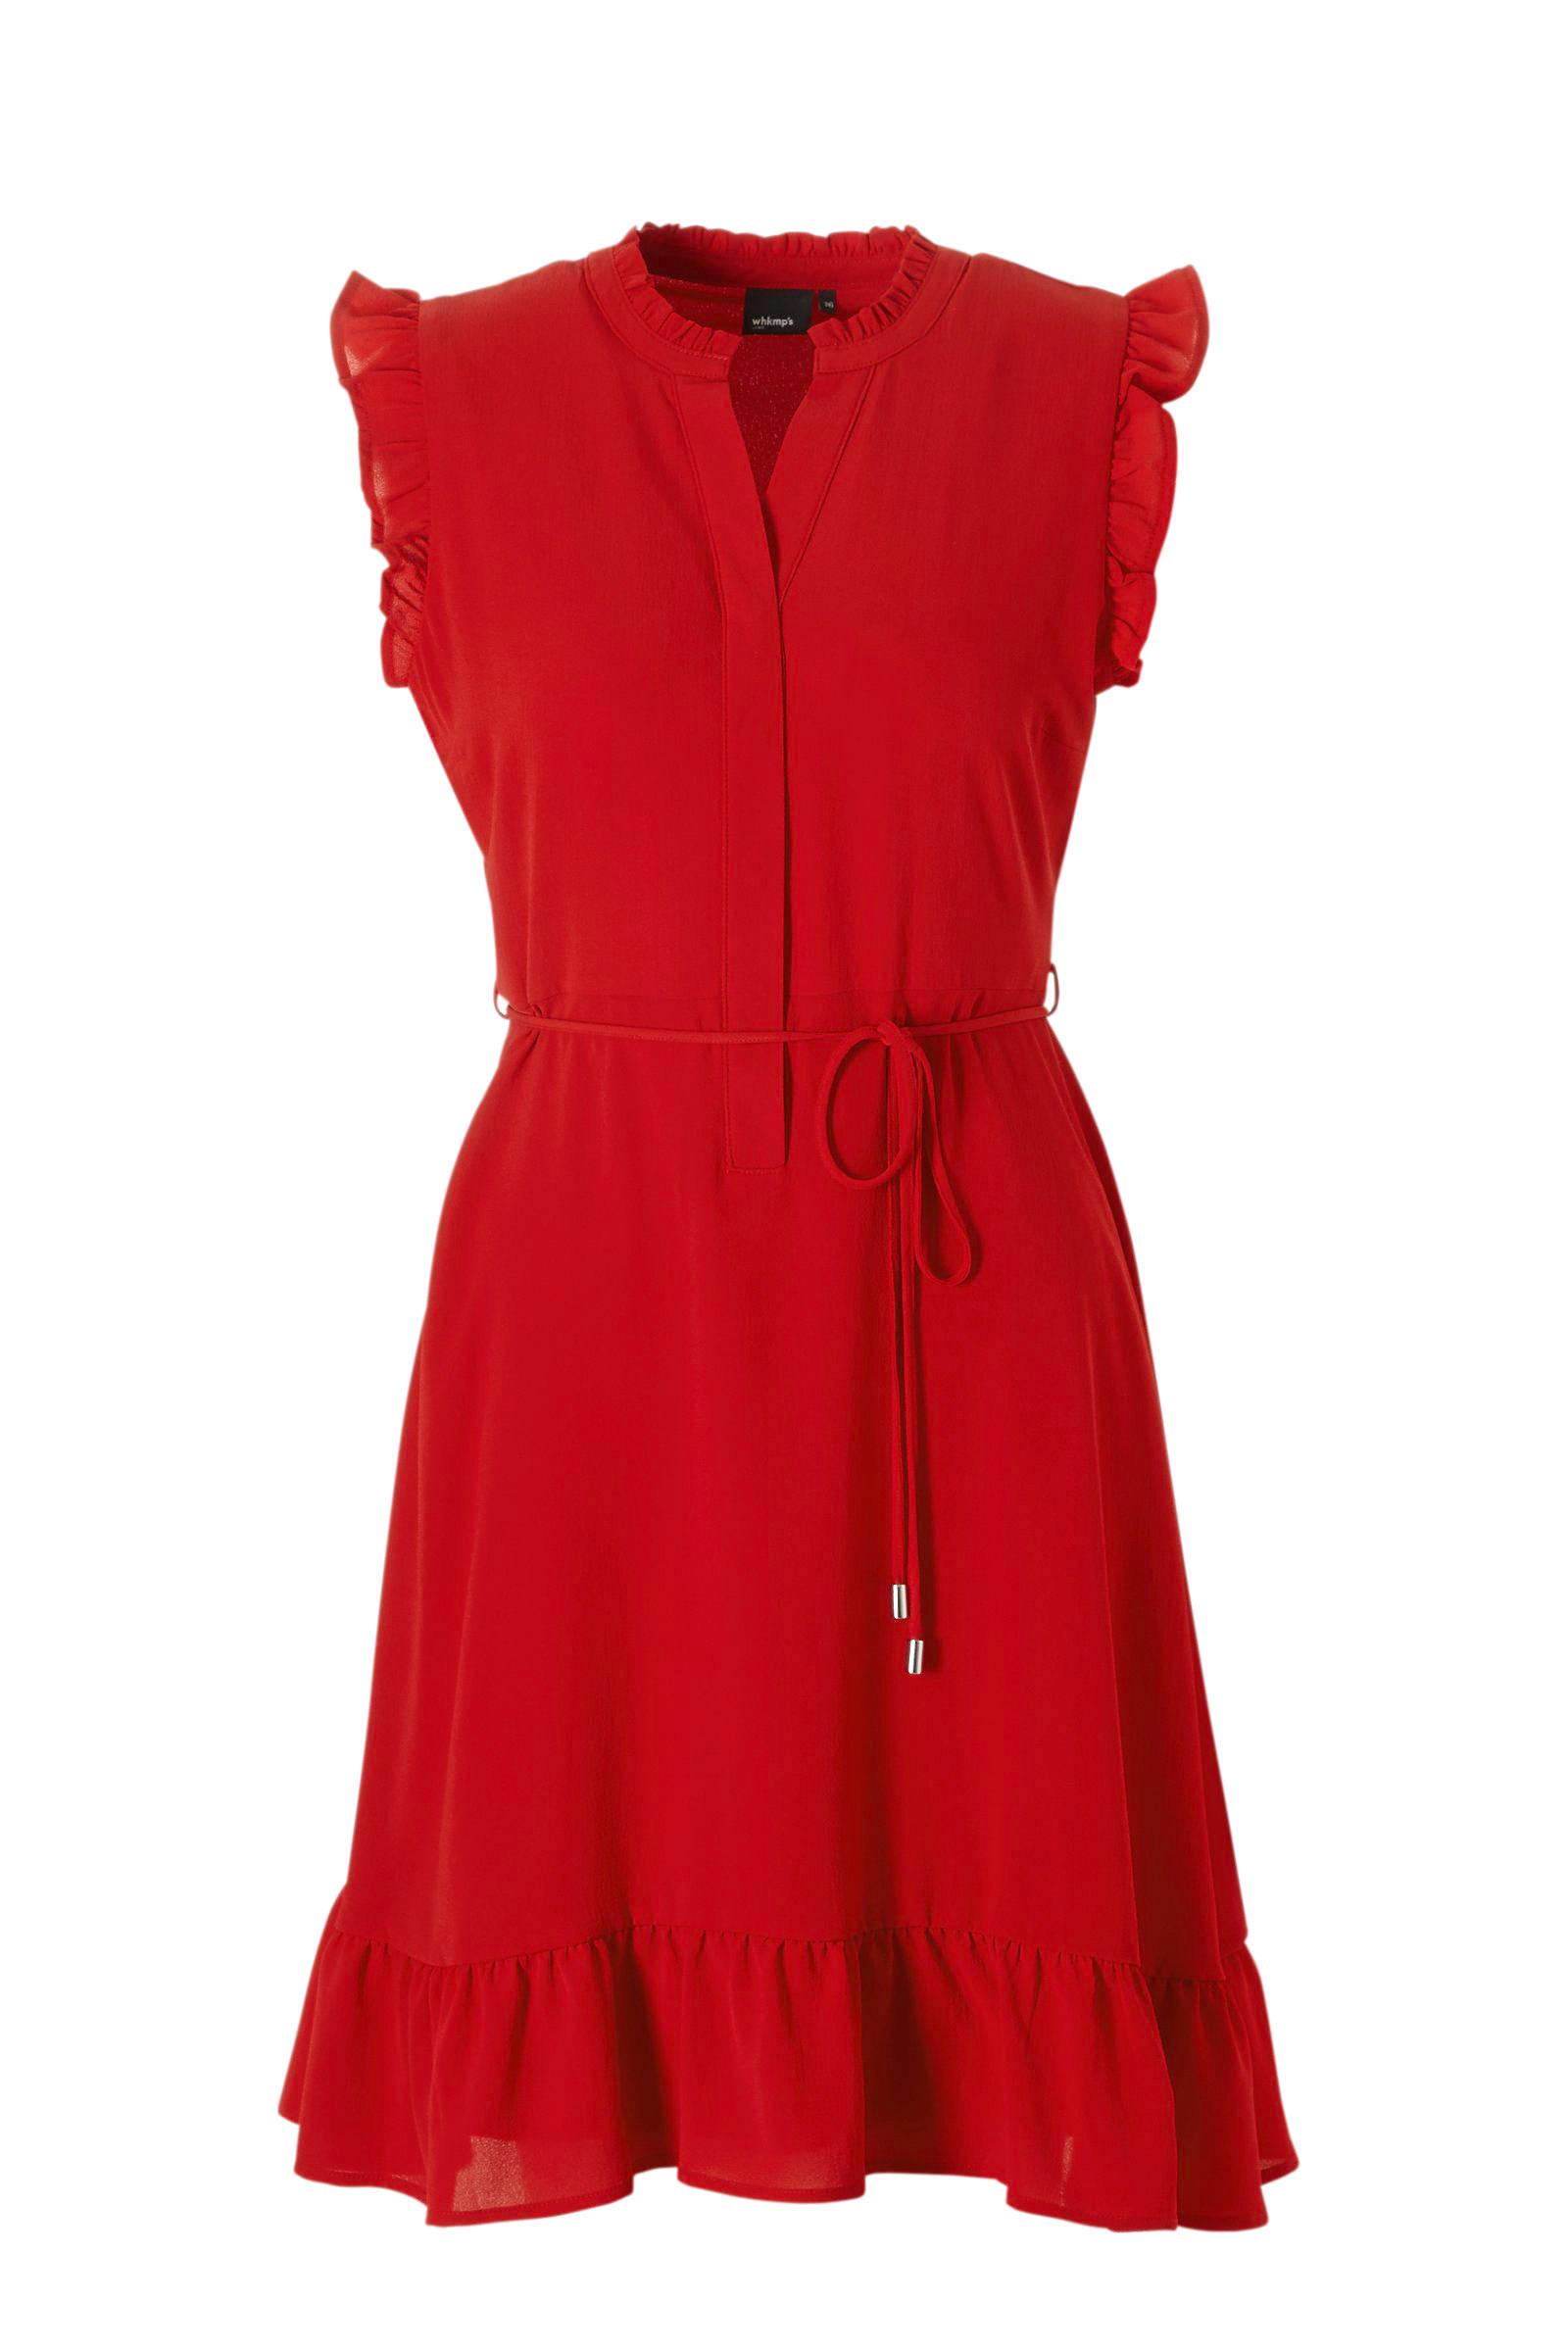 feestelijke jurk rood